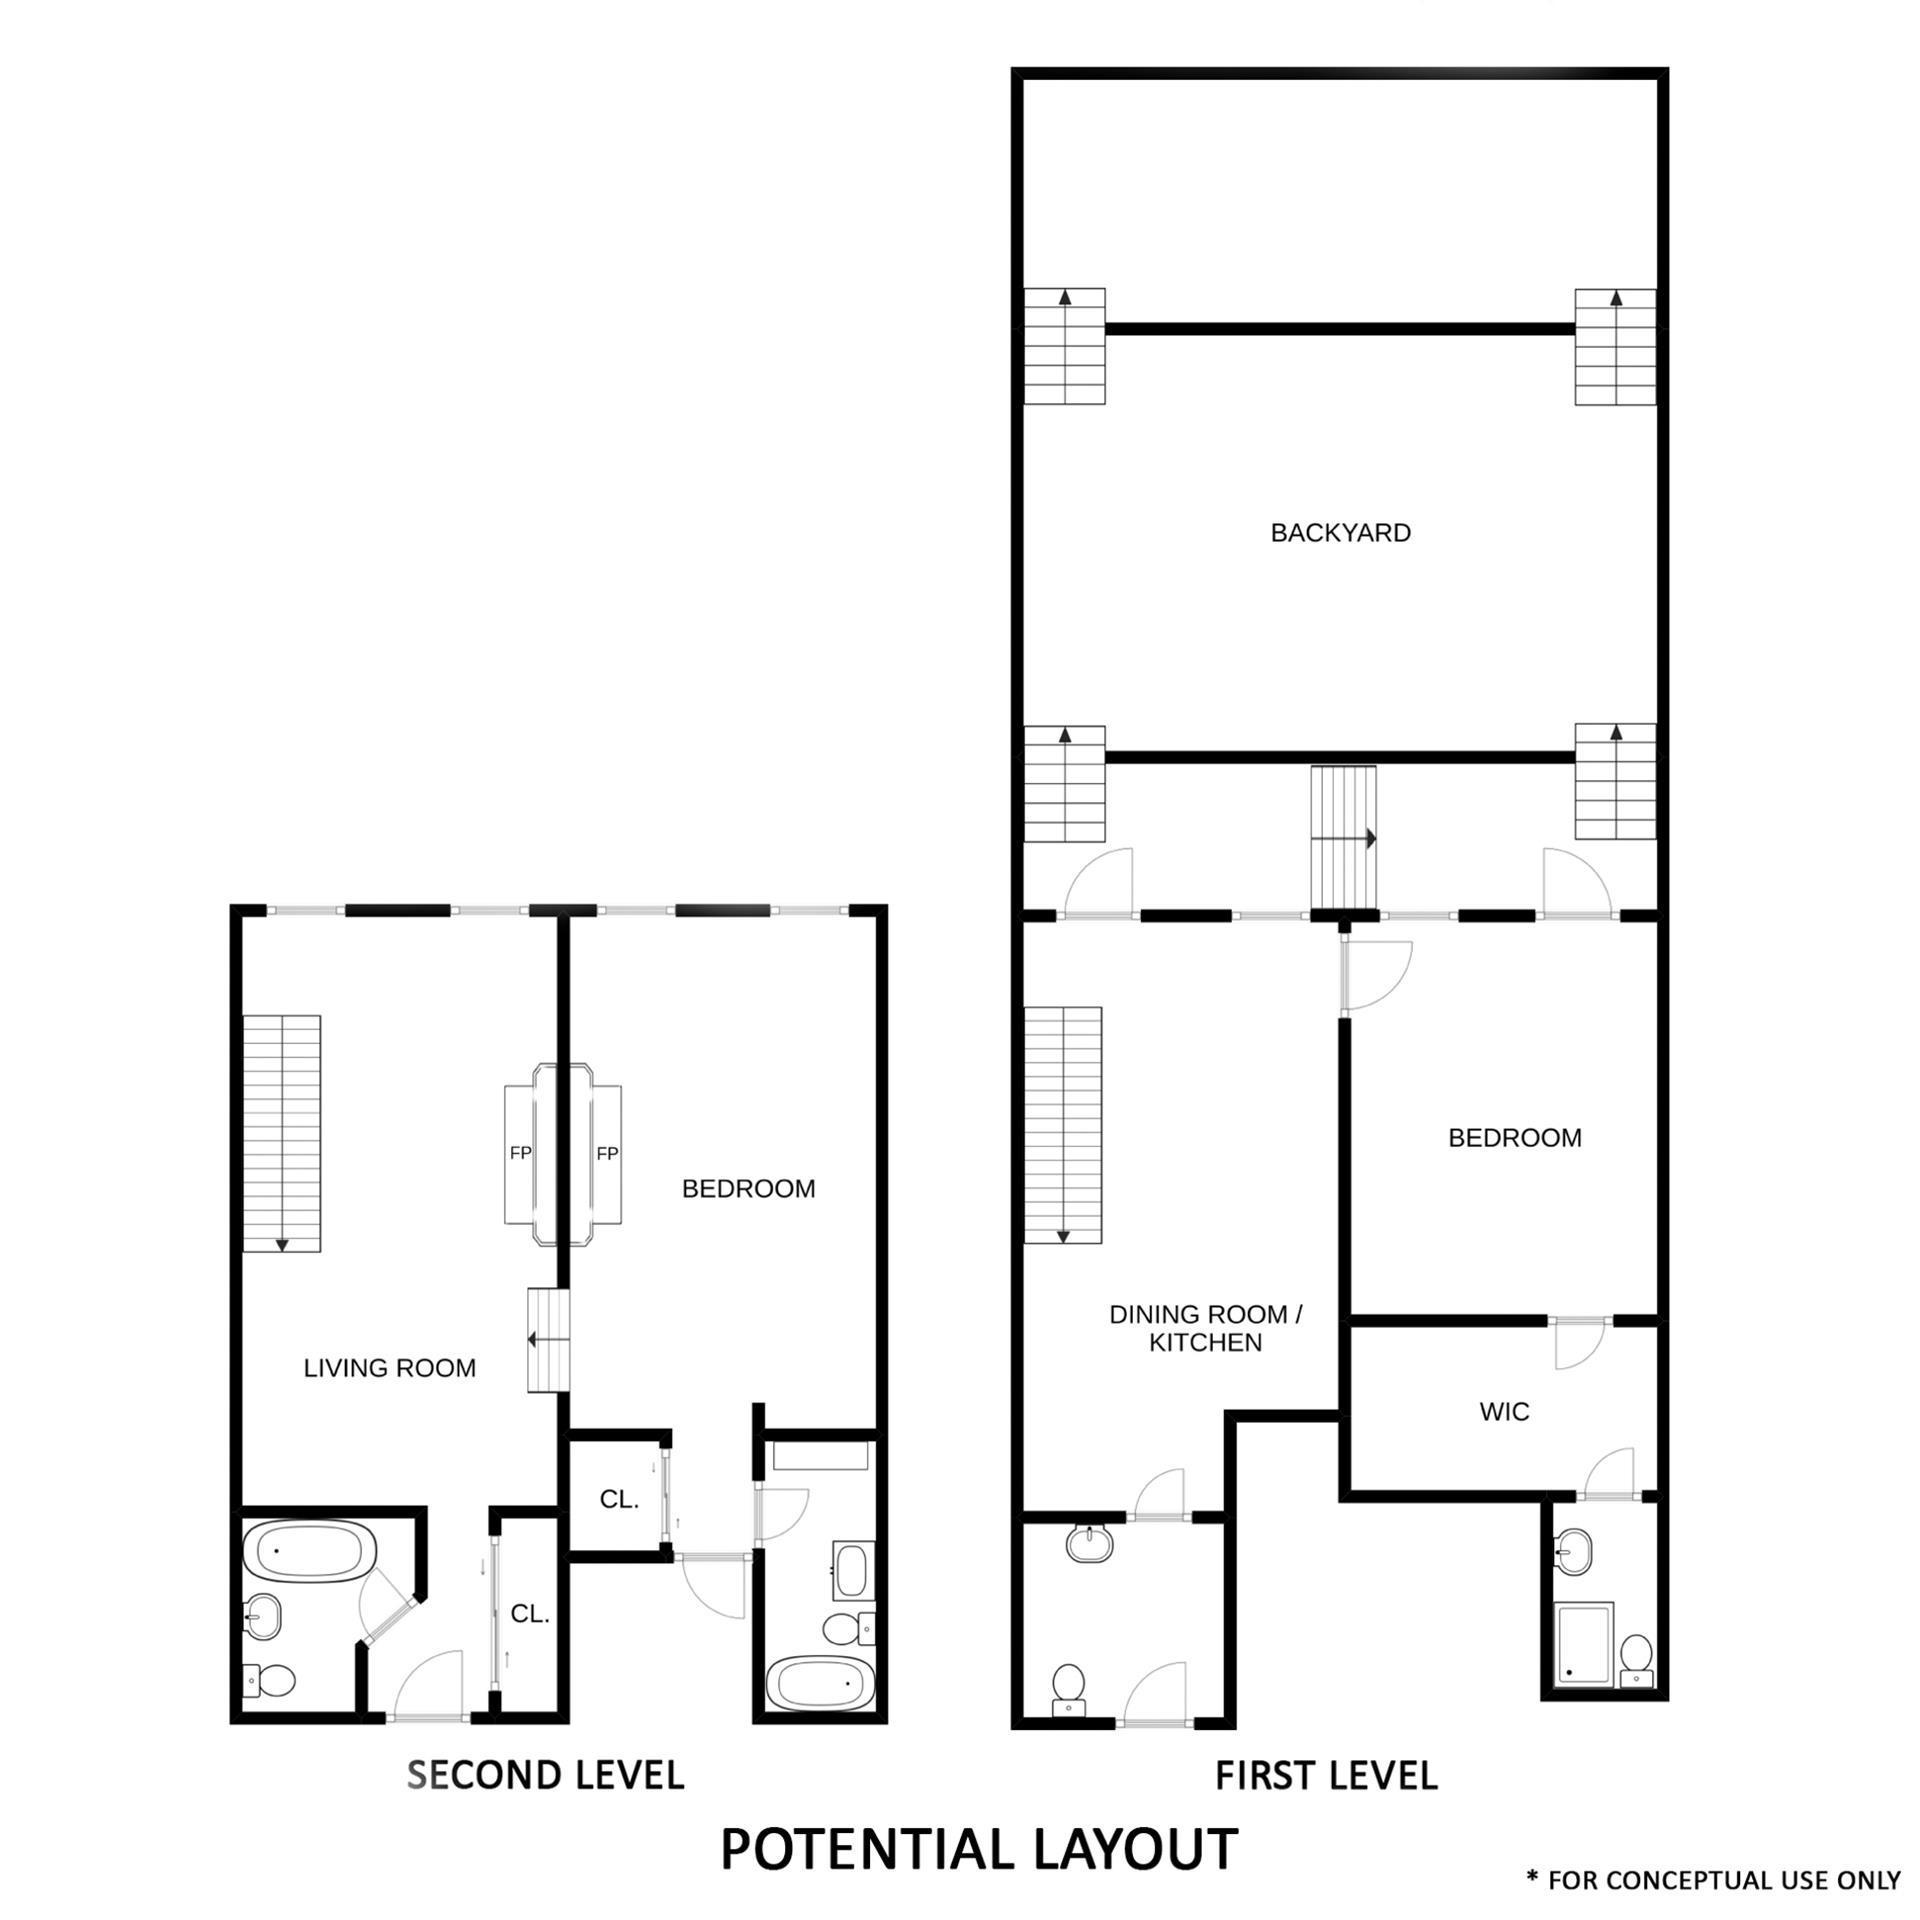 Floor plan of The Fireside, 226 East 95th St, 105/106 - Upper East Side, New York